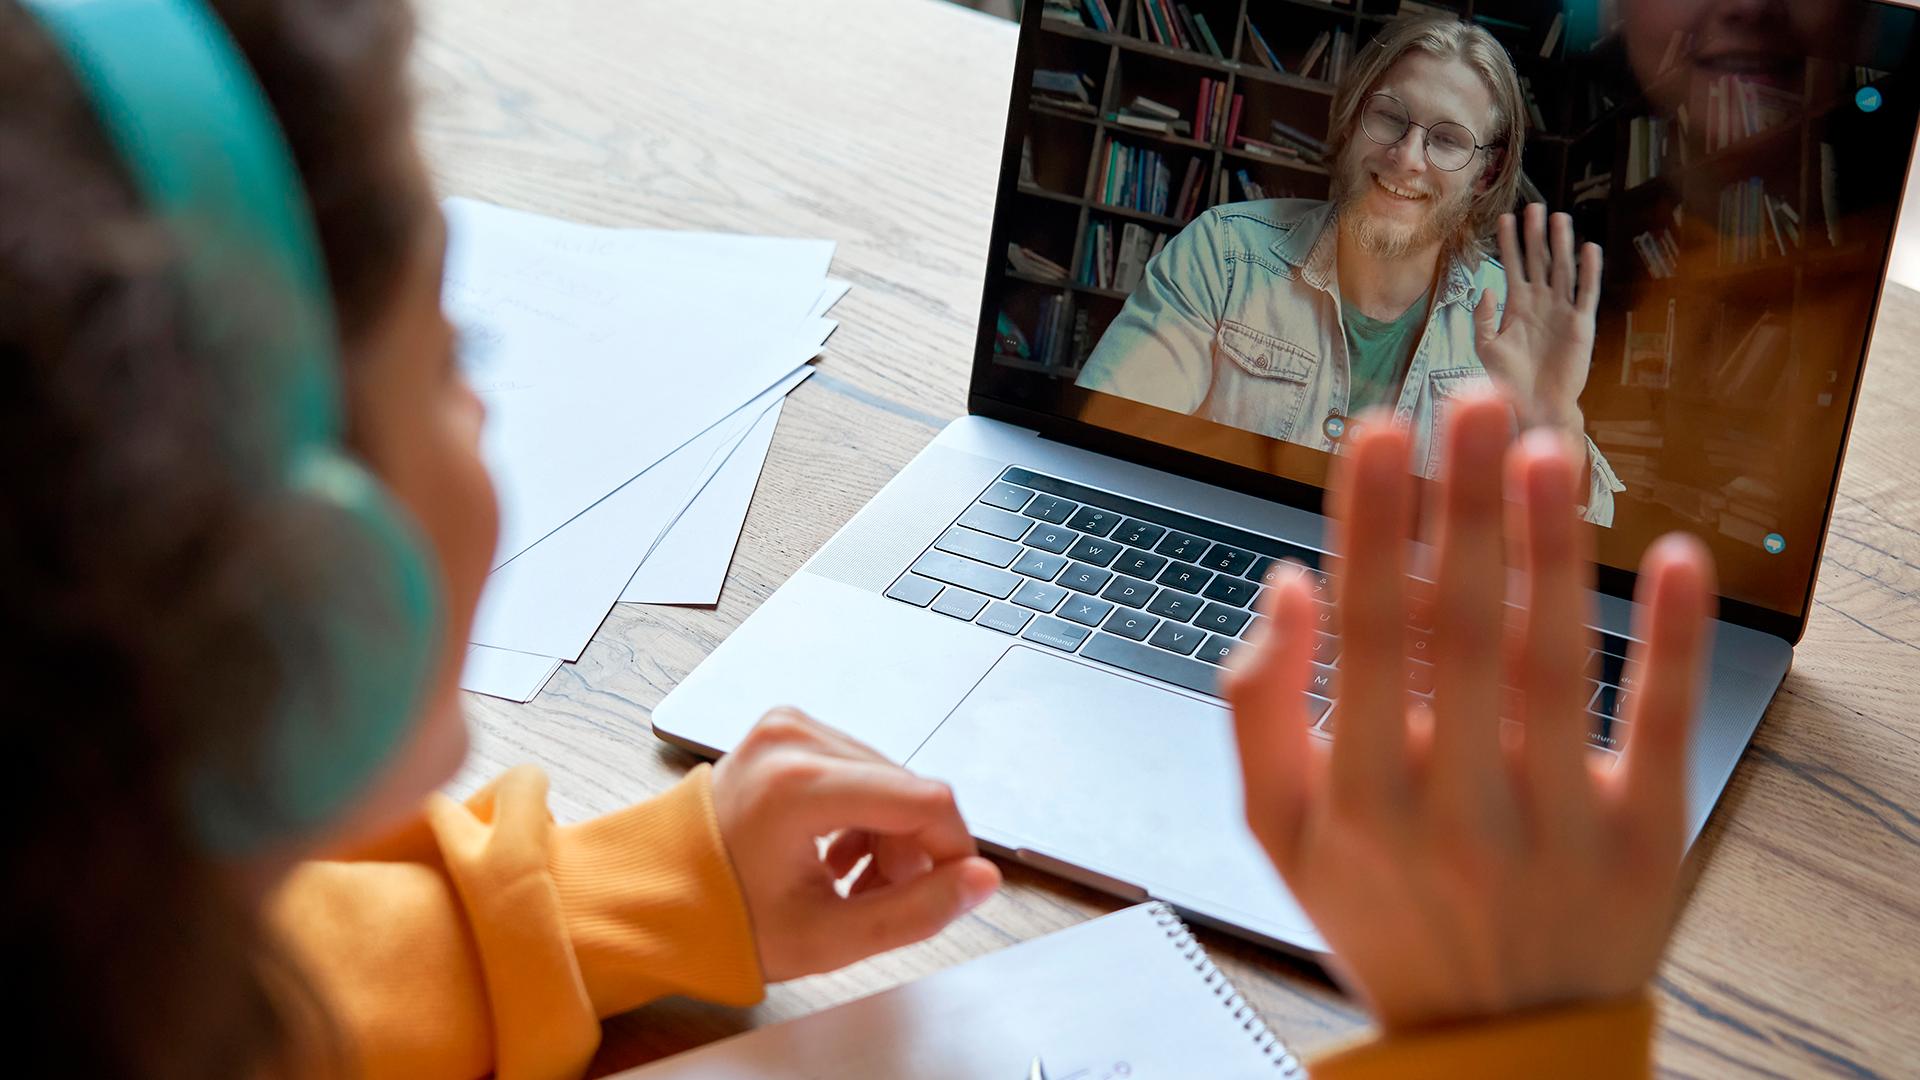 Professores serão indispensáveis na condução do processo de aprendizagem e a interação com os estudantes será mantida e valorizada, seja em atividades presenciais ou digitais.